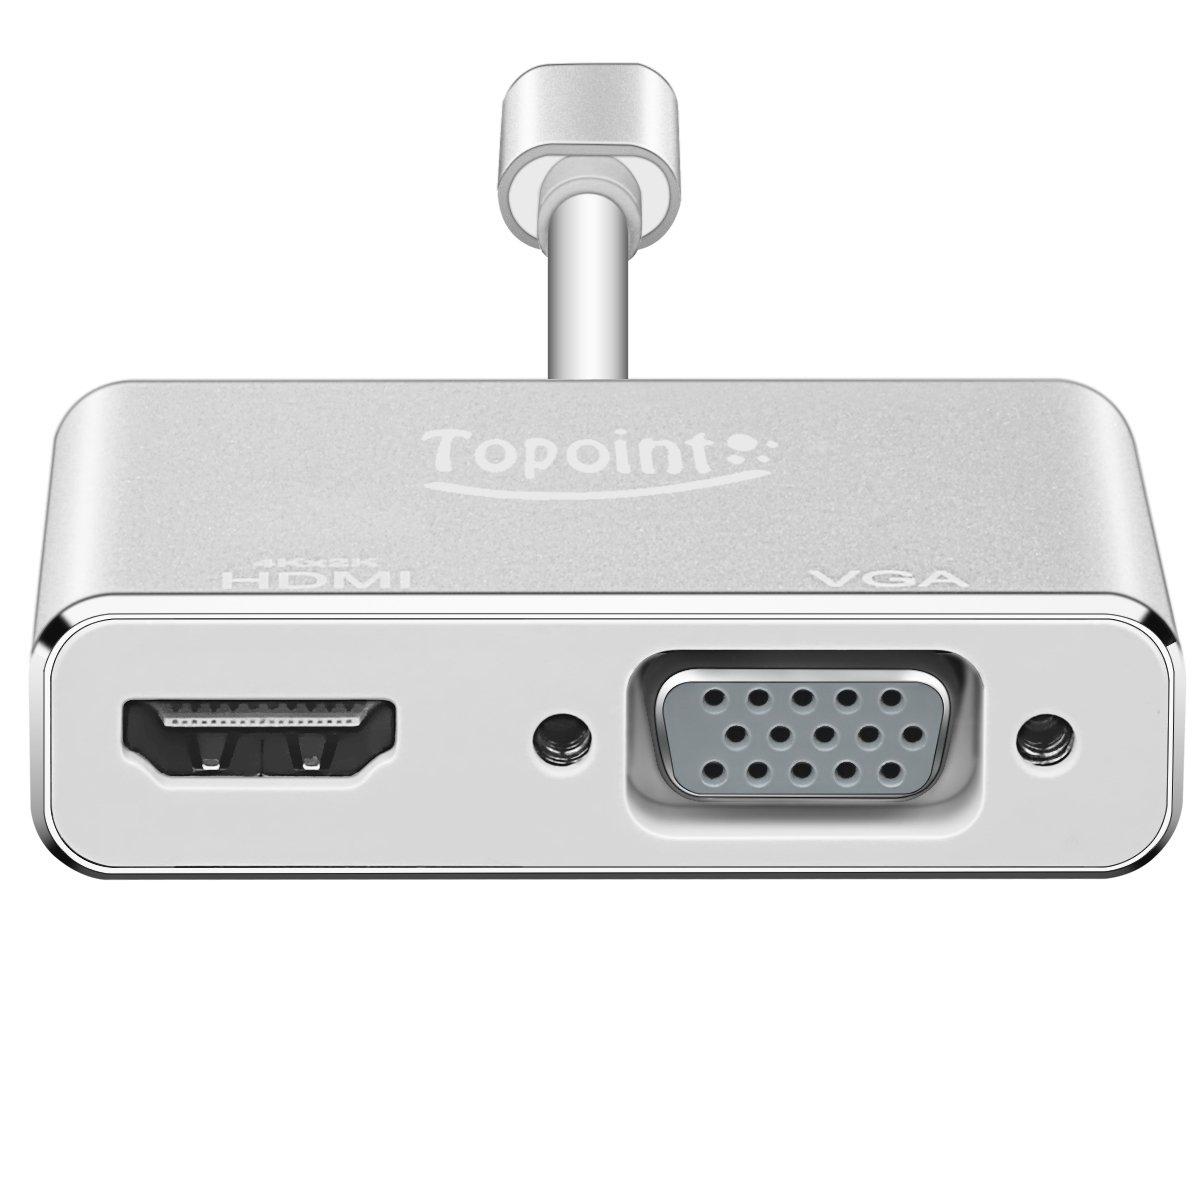 USB 3.1 Typ C auf HDMI VGA Adapter, Topoint Typ C (USB-C, Thunderbolt 3 Kompatibel) auf VGA HDMI (4Kx2K) 2 in 1 Adapterkabel Konverter für Macbook(Nicht unterstützt Macbook pro 2017) / Chromebook Pixel / Microsoft Lumia 950XL